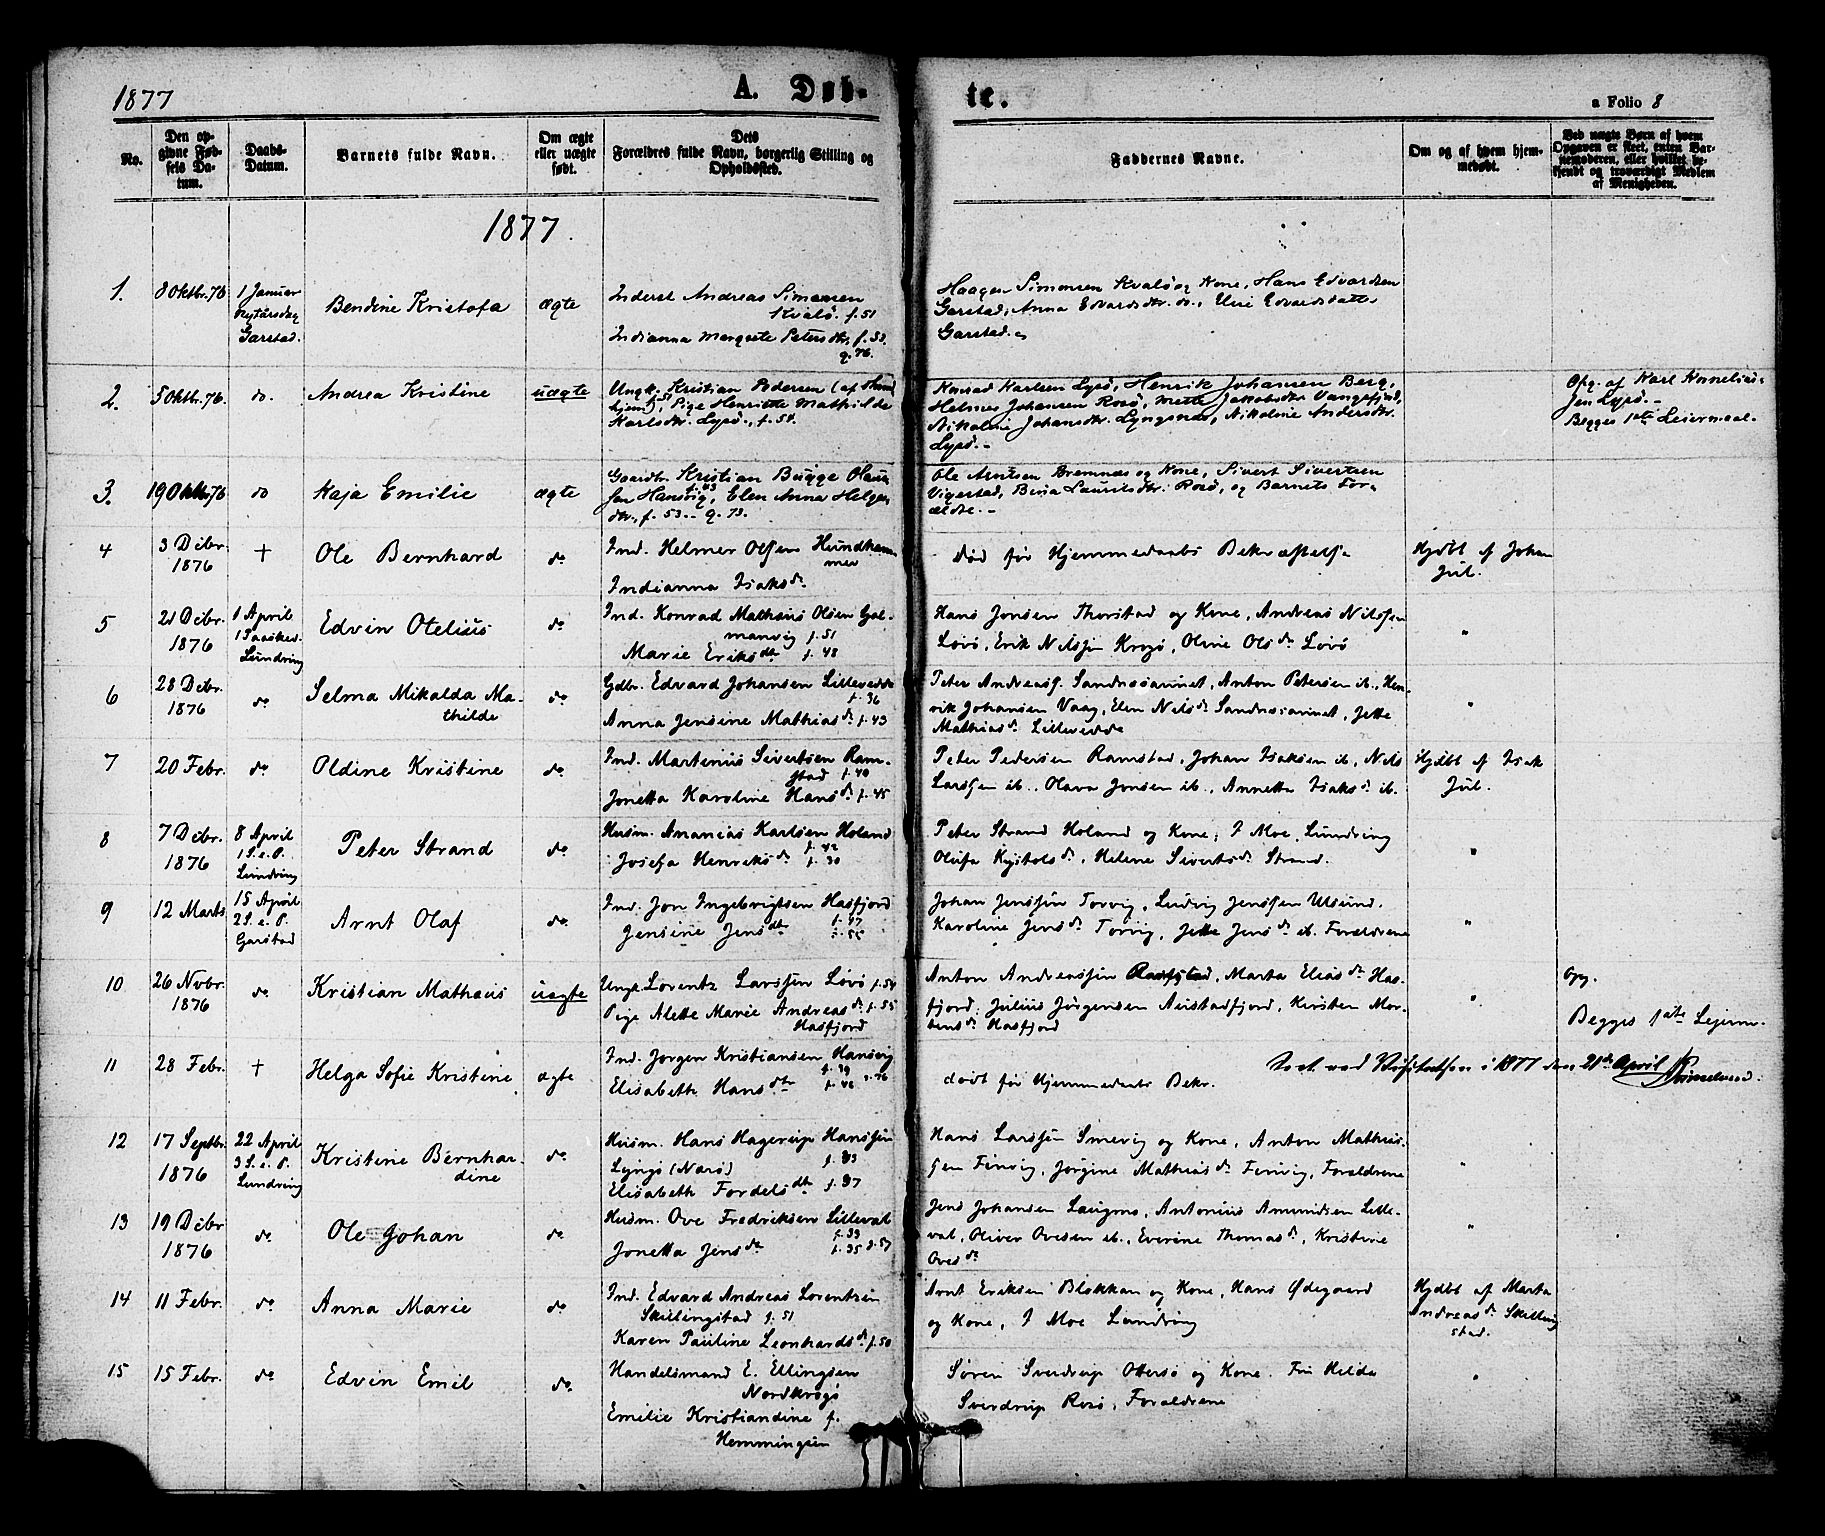 SAT, Ministerialprotokoller, klokkerbøker og fødselsregistre - Nord-Trøndelag, 784/L0671: Parish register (official) no. 784A06, 1876-1879, p. 8